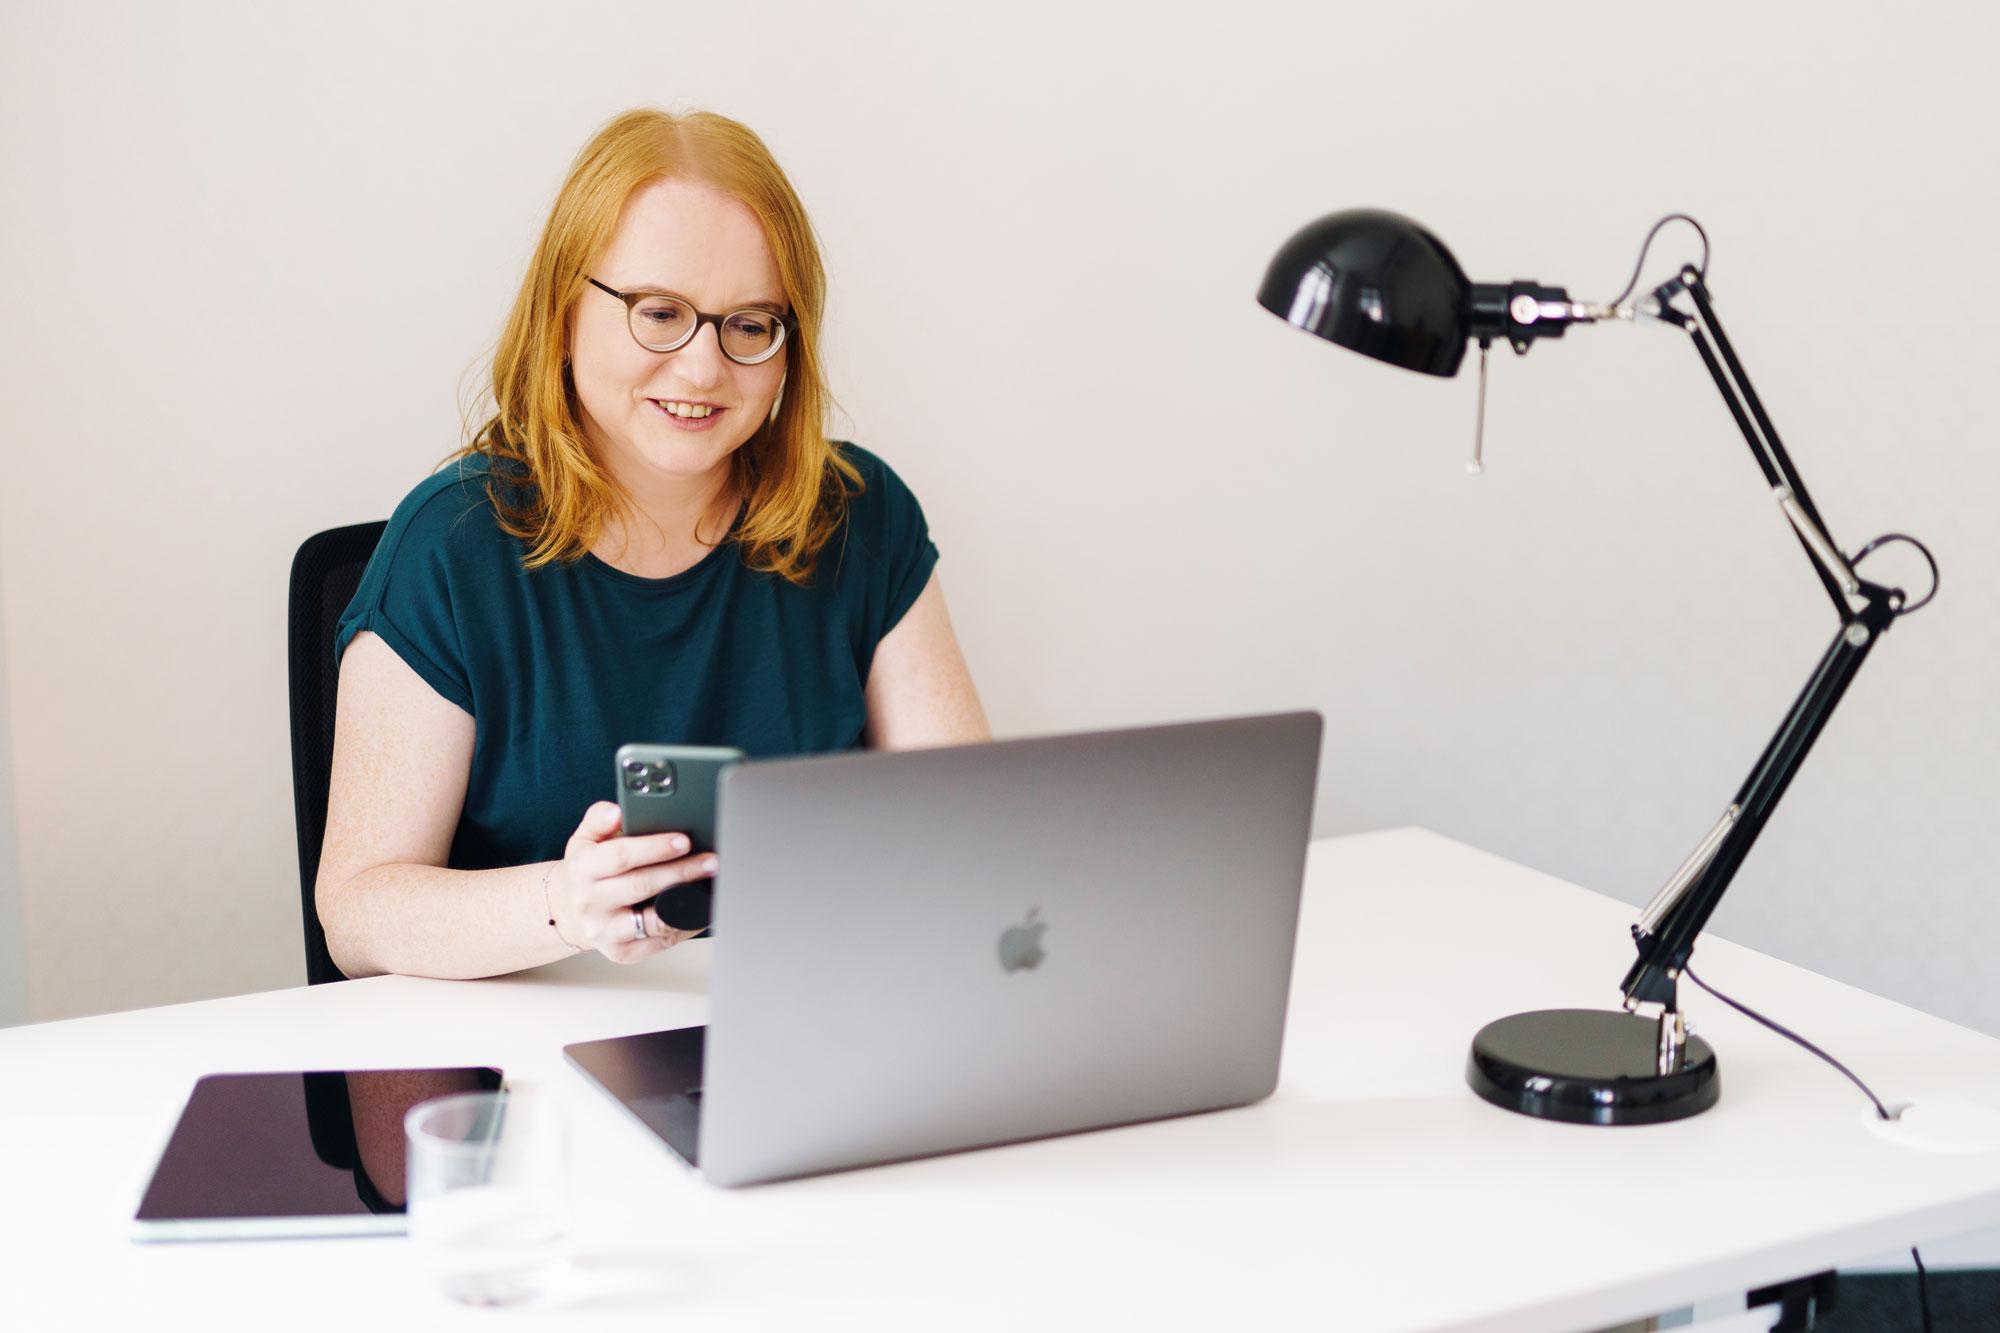 Anke am Schreibtisch